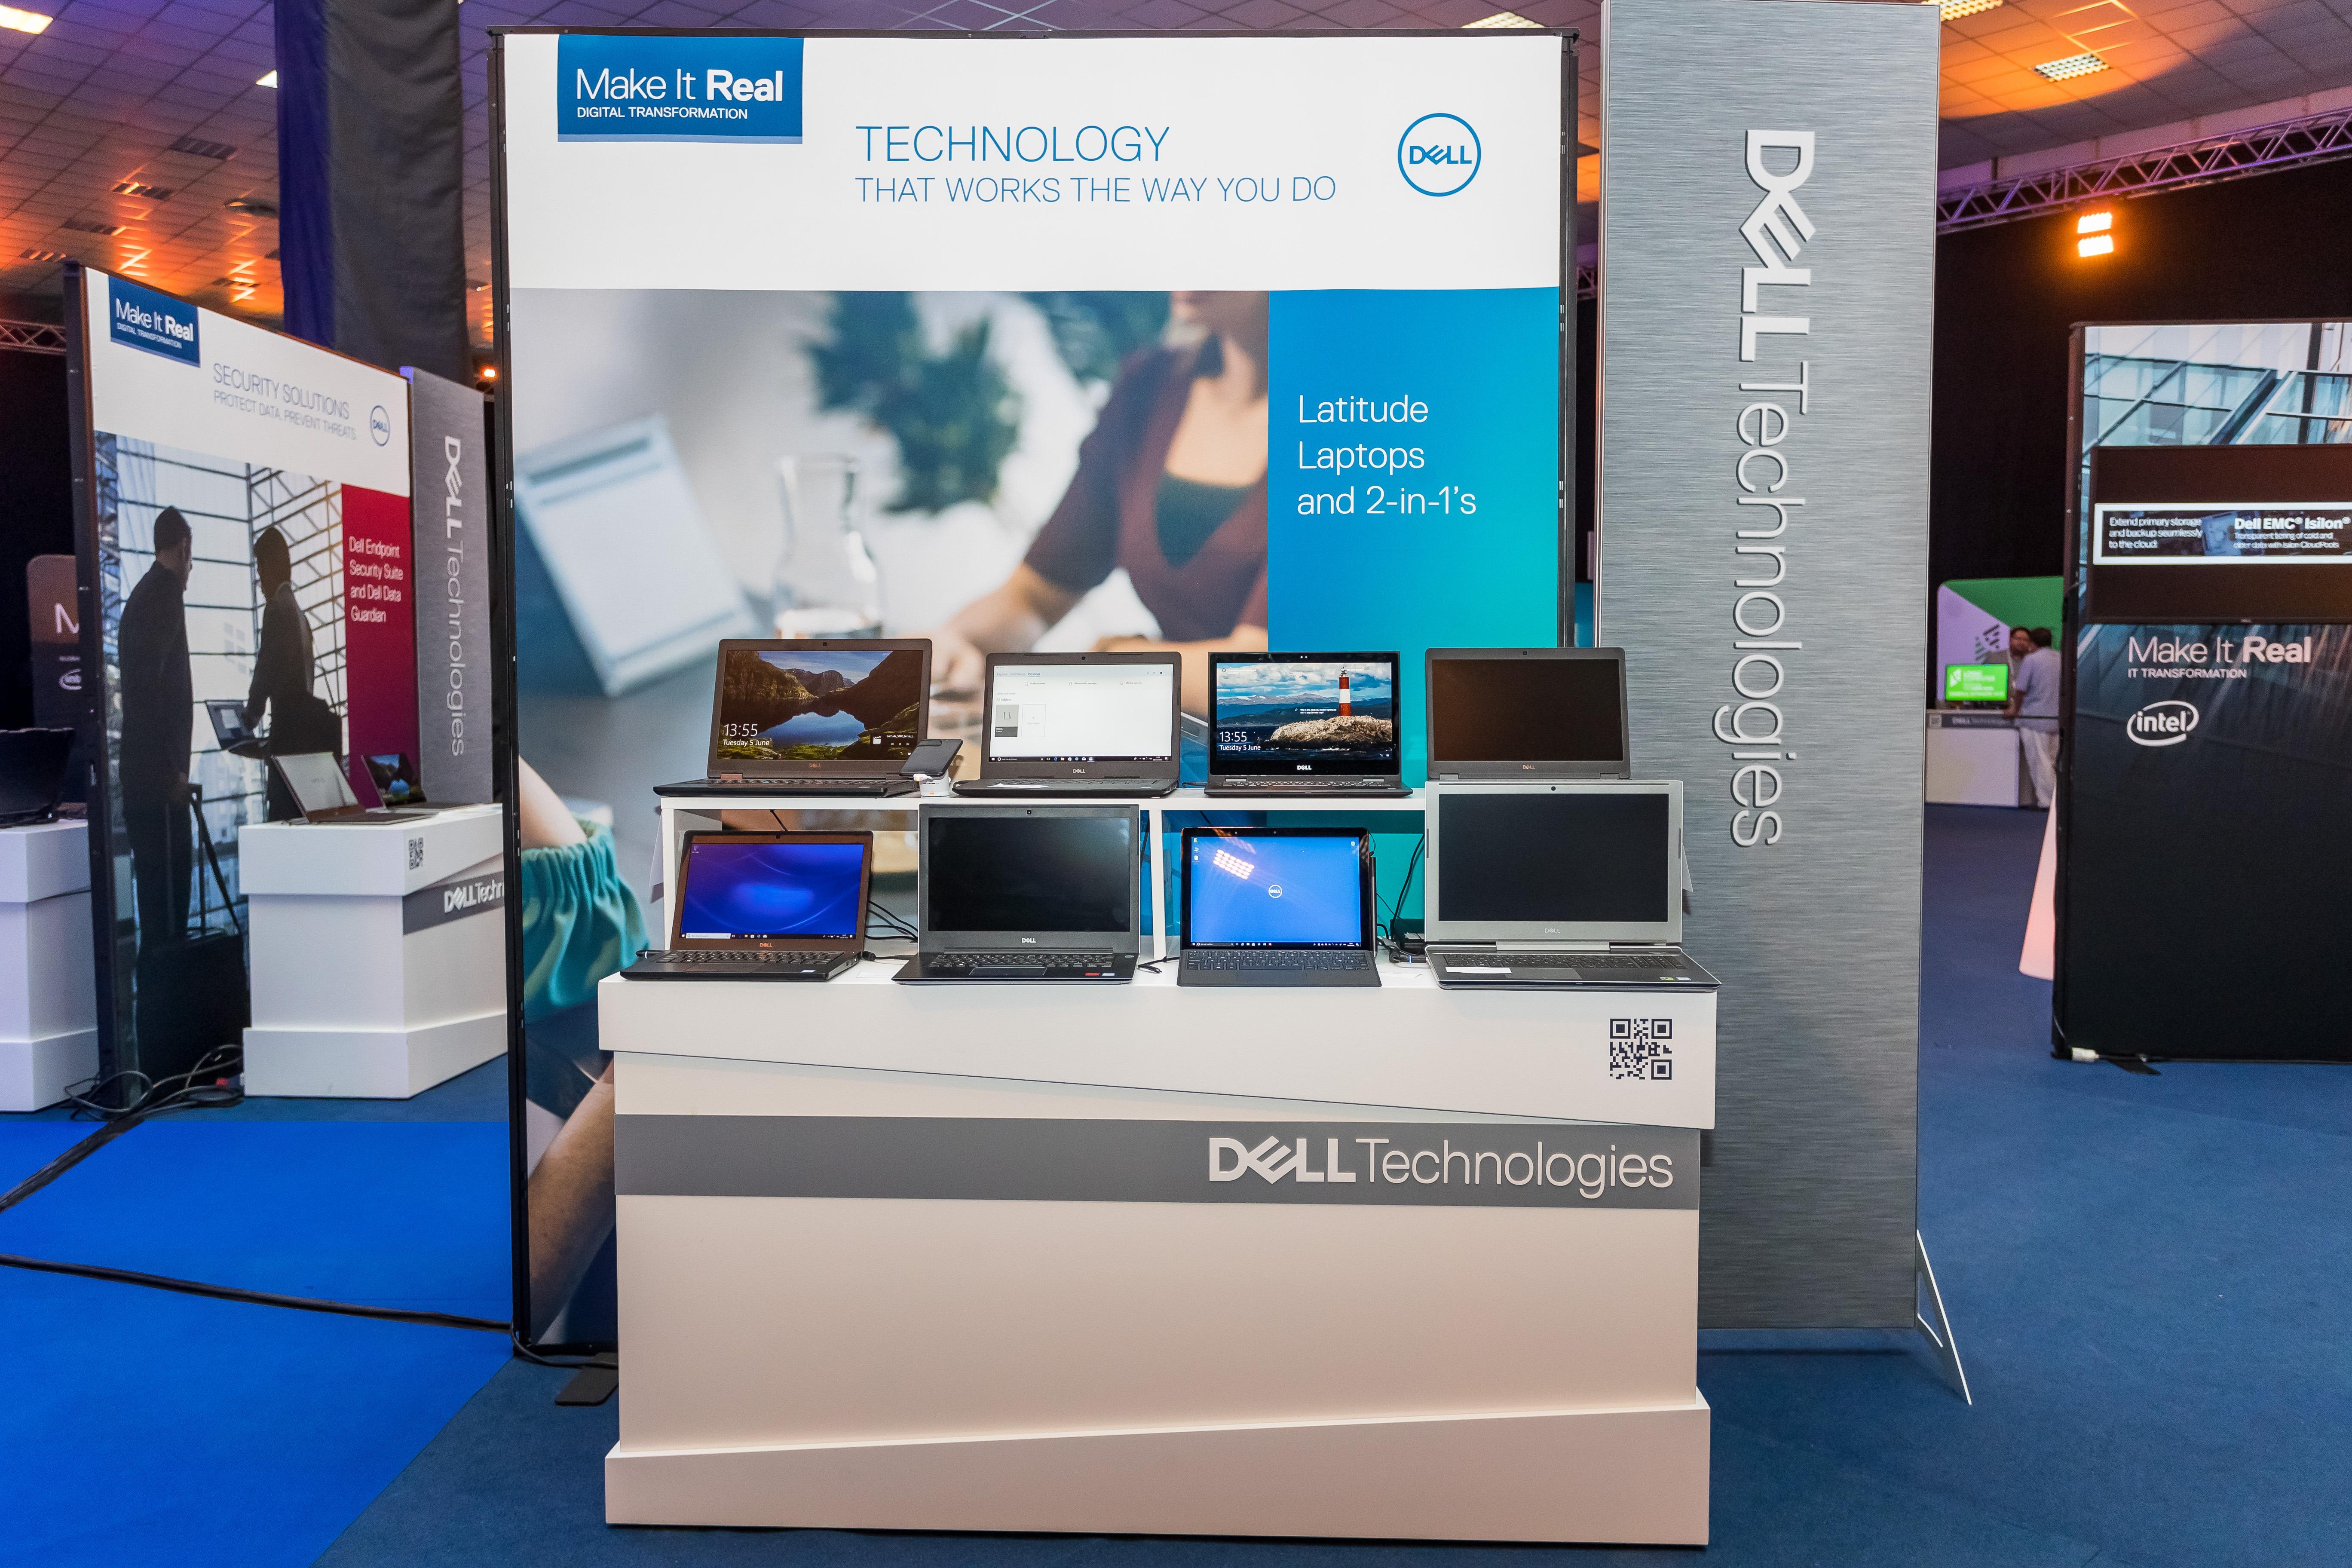 Noi inovații IT pentru transformarea digitală a companiilor